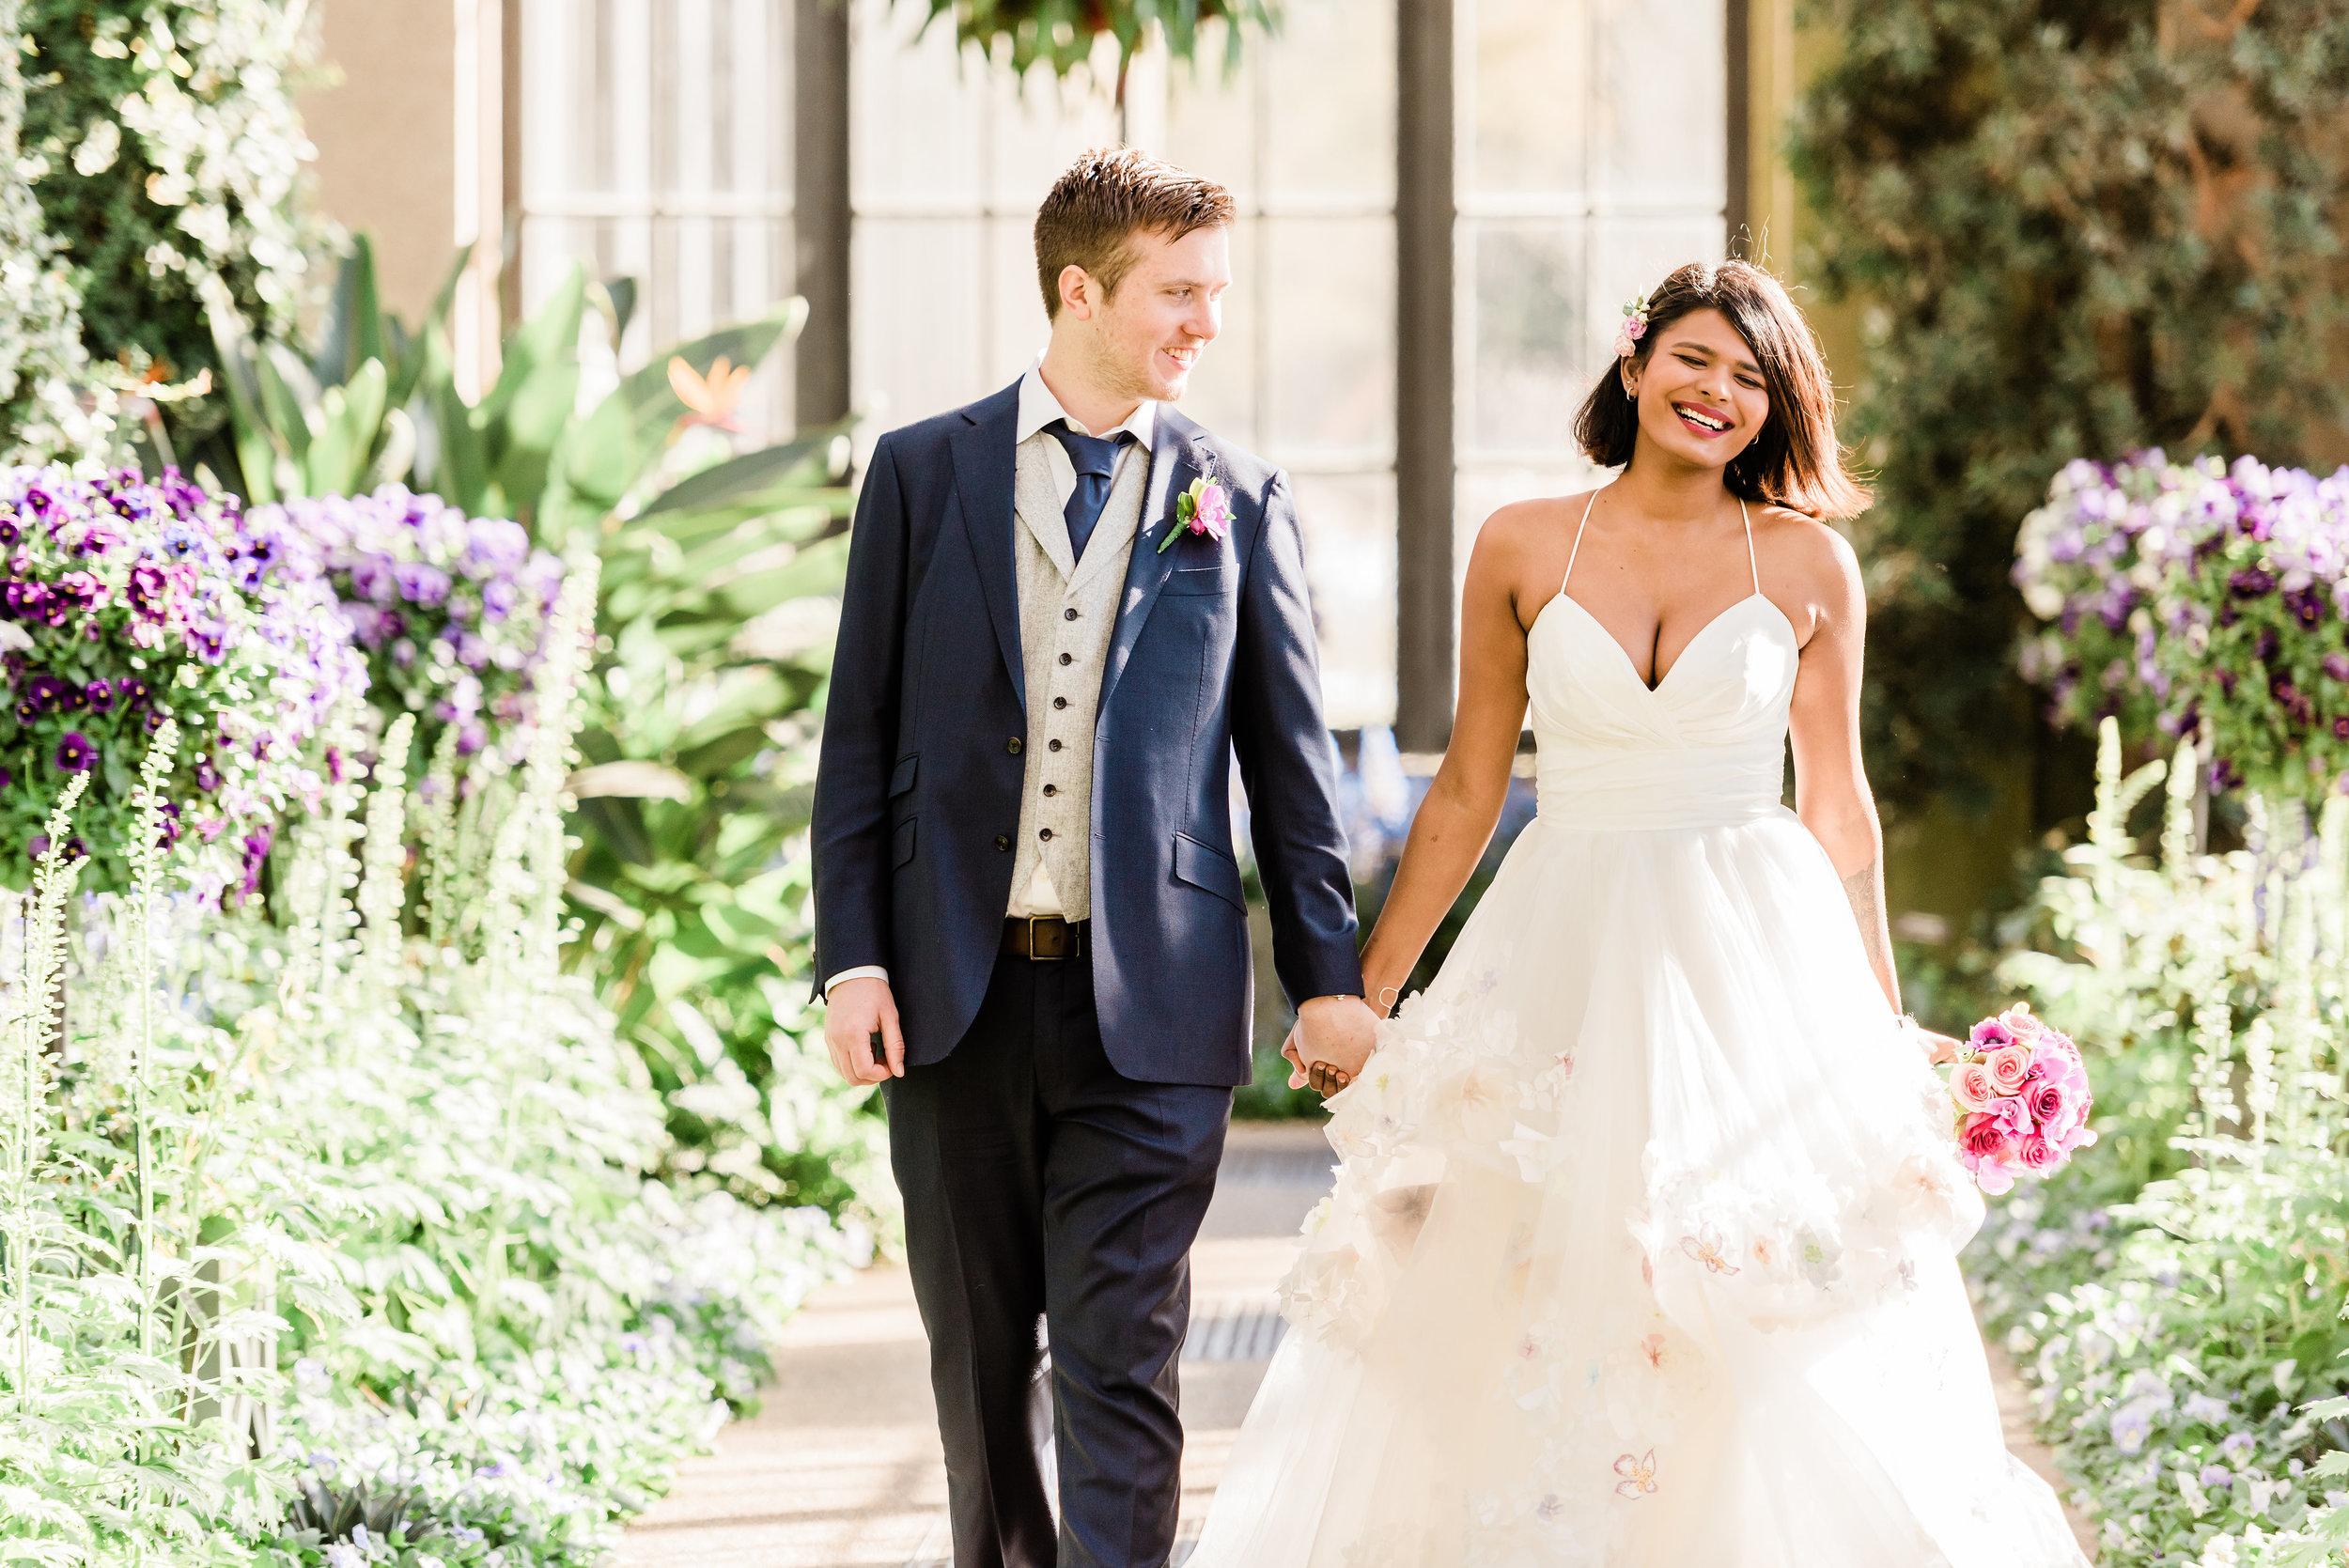 bride-groom-walking-longwood-gardens